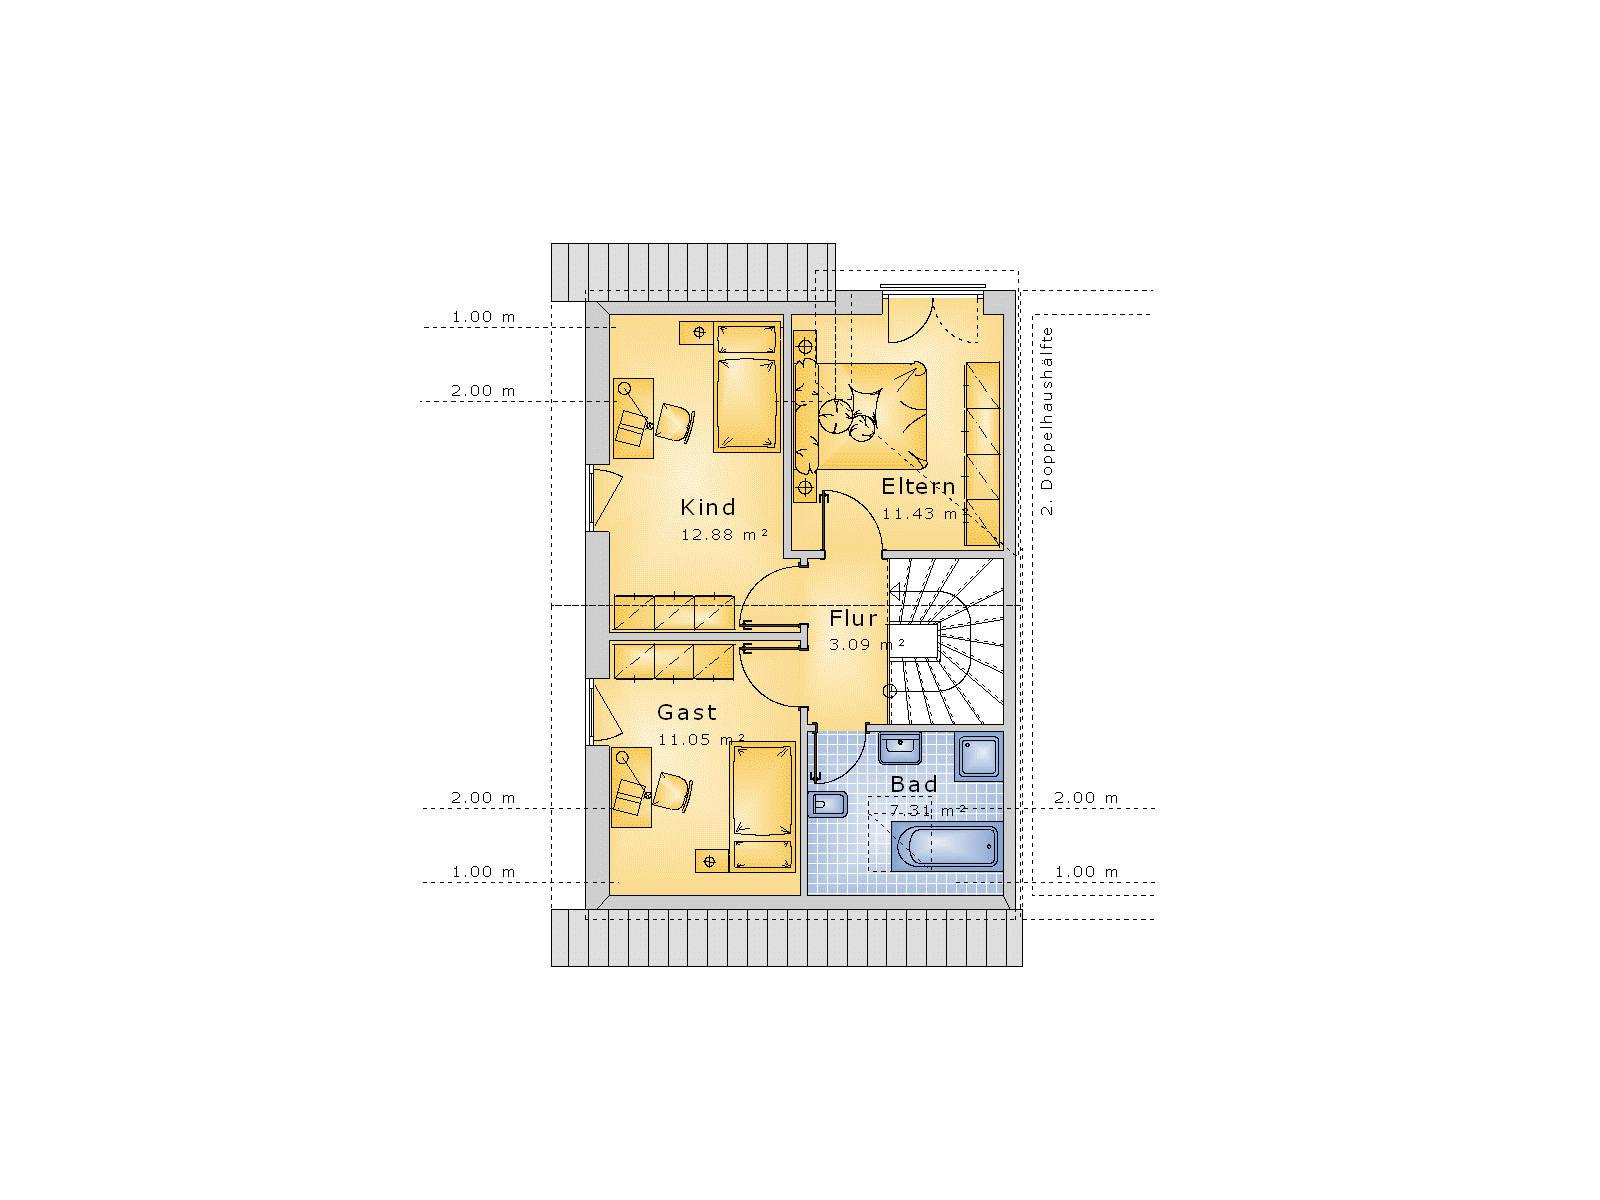 Doppelhaus zwerchhaus gaube 85qm   ihb institut für hausbau ...